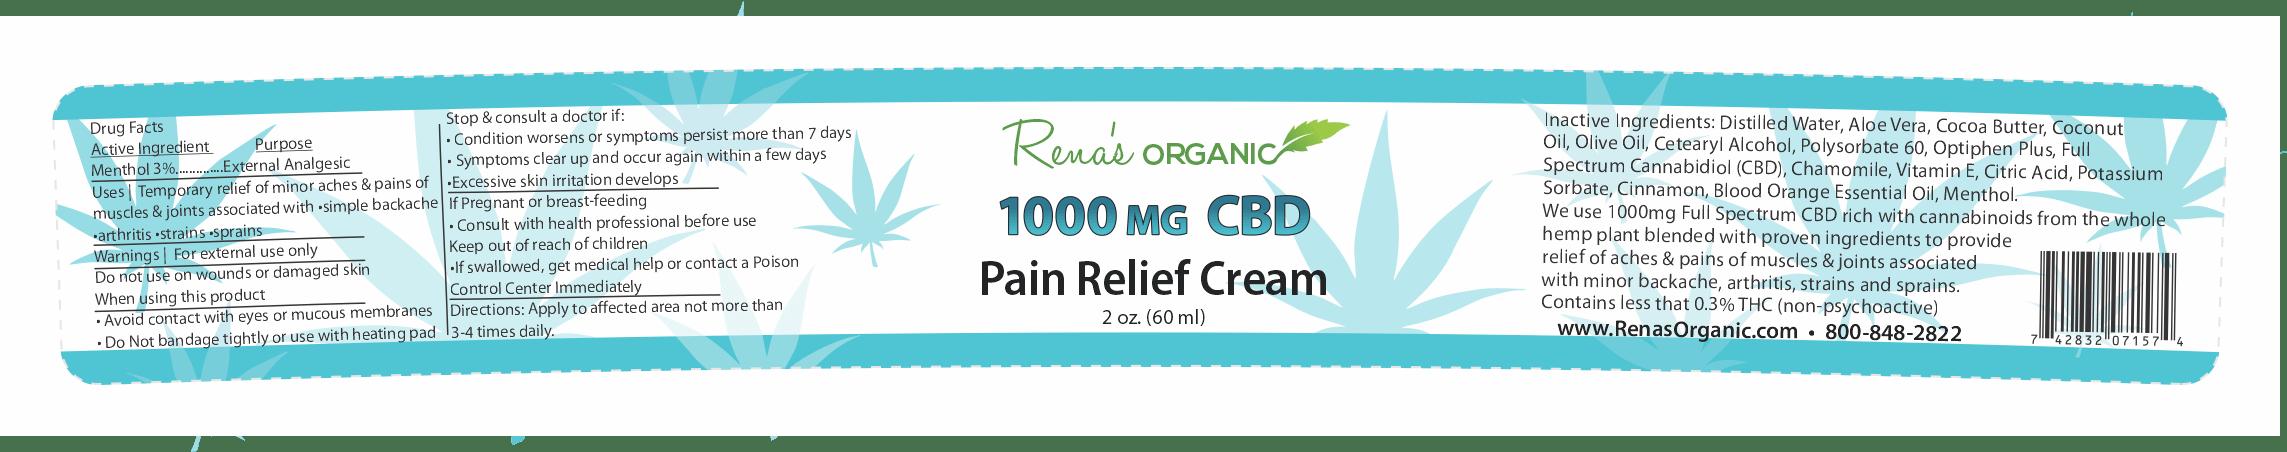 Rena's Organic 1000 mg CBD pain cream